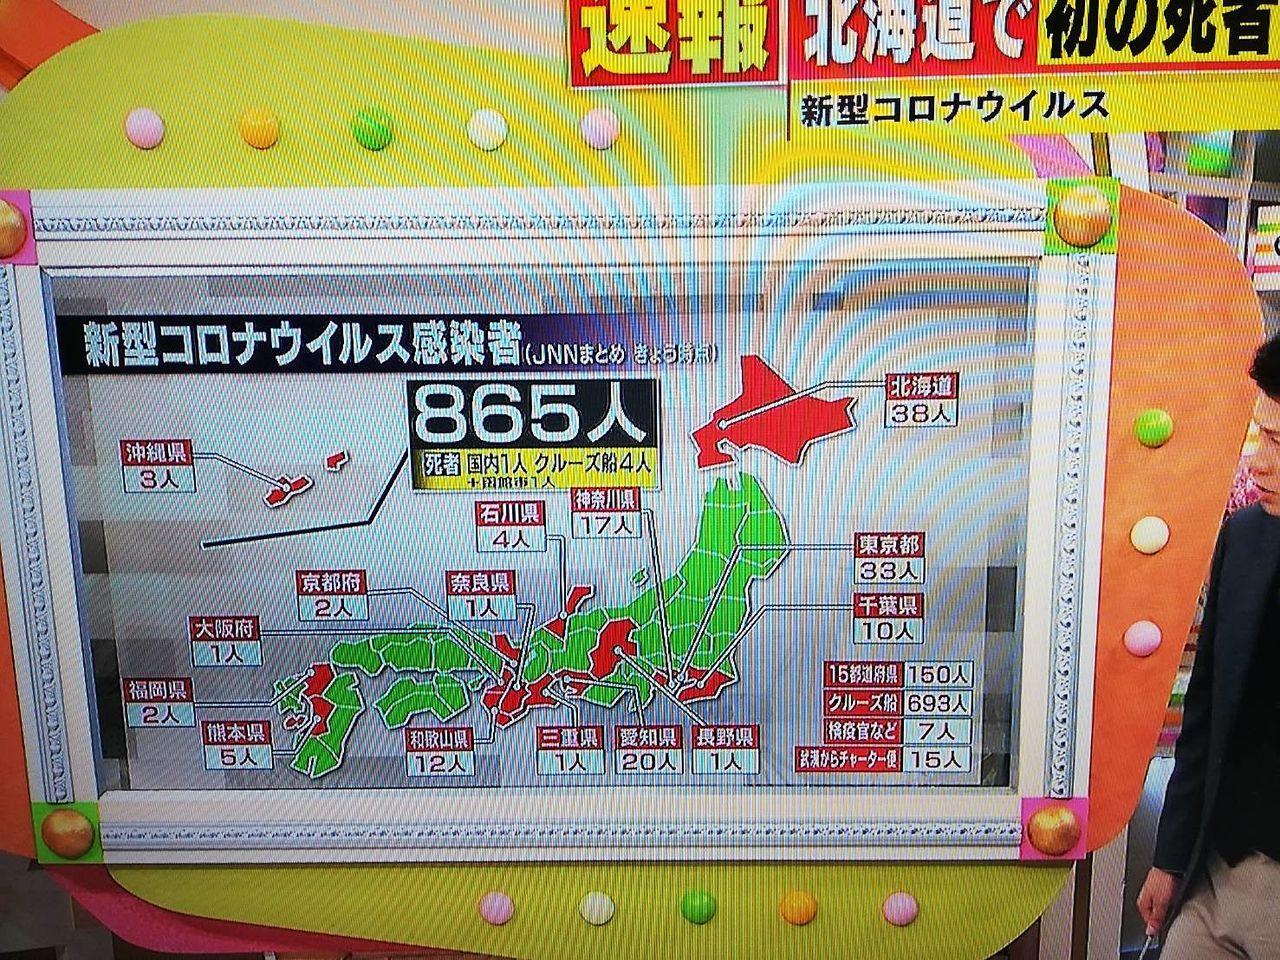 新型コロナウイルス感染者、全国で865人。日本にも広がってきました。